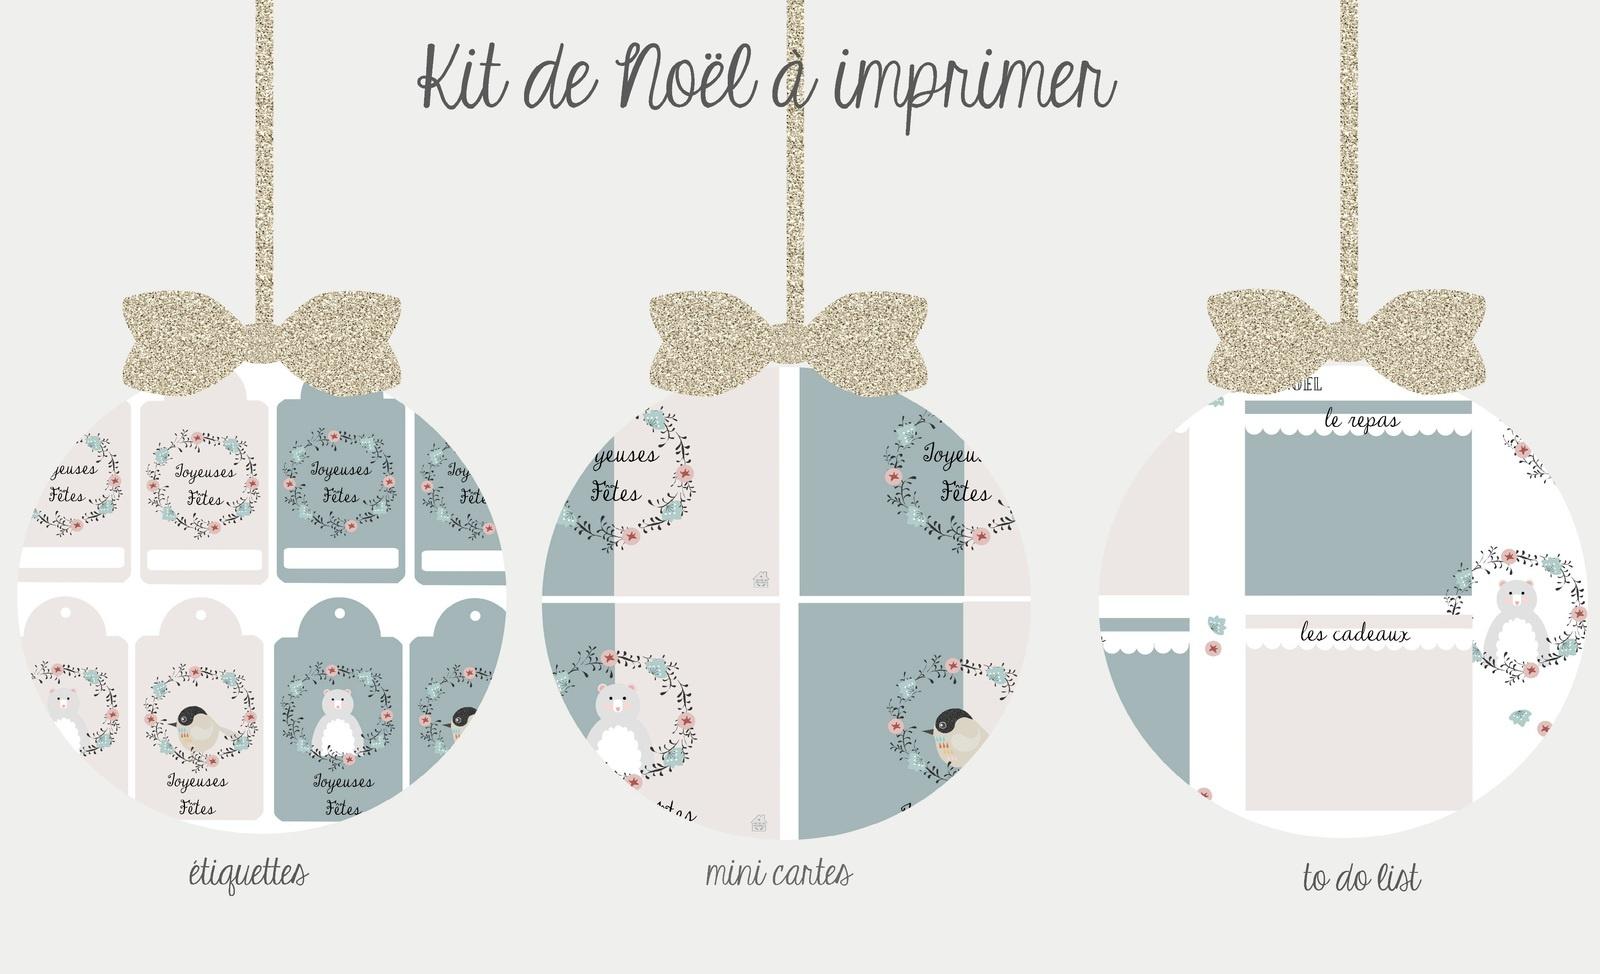 Kit De Noël À Imprimer {Version 2015} - Avec Ses 10 Ptits à Etiquette Noel À Imprimer